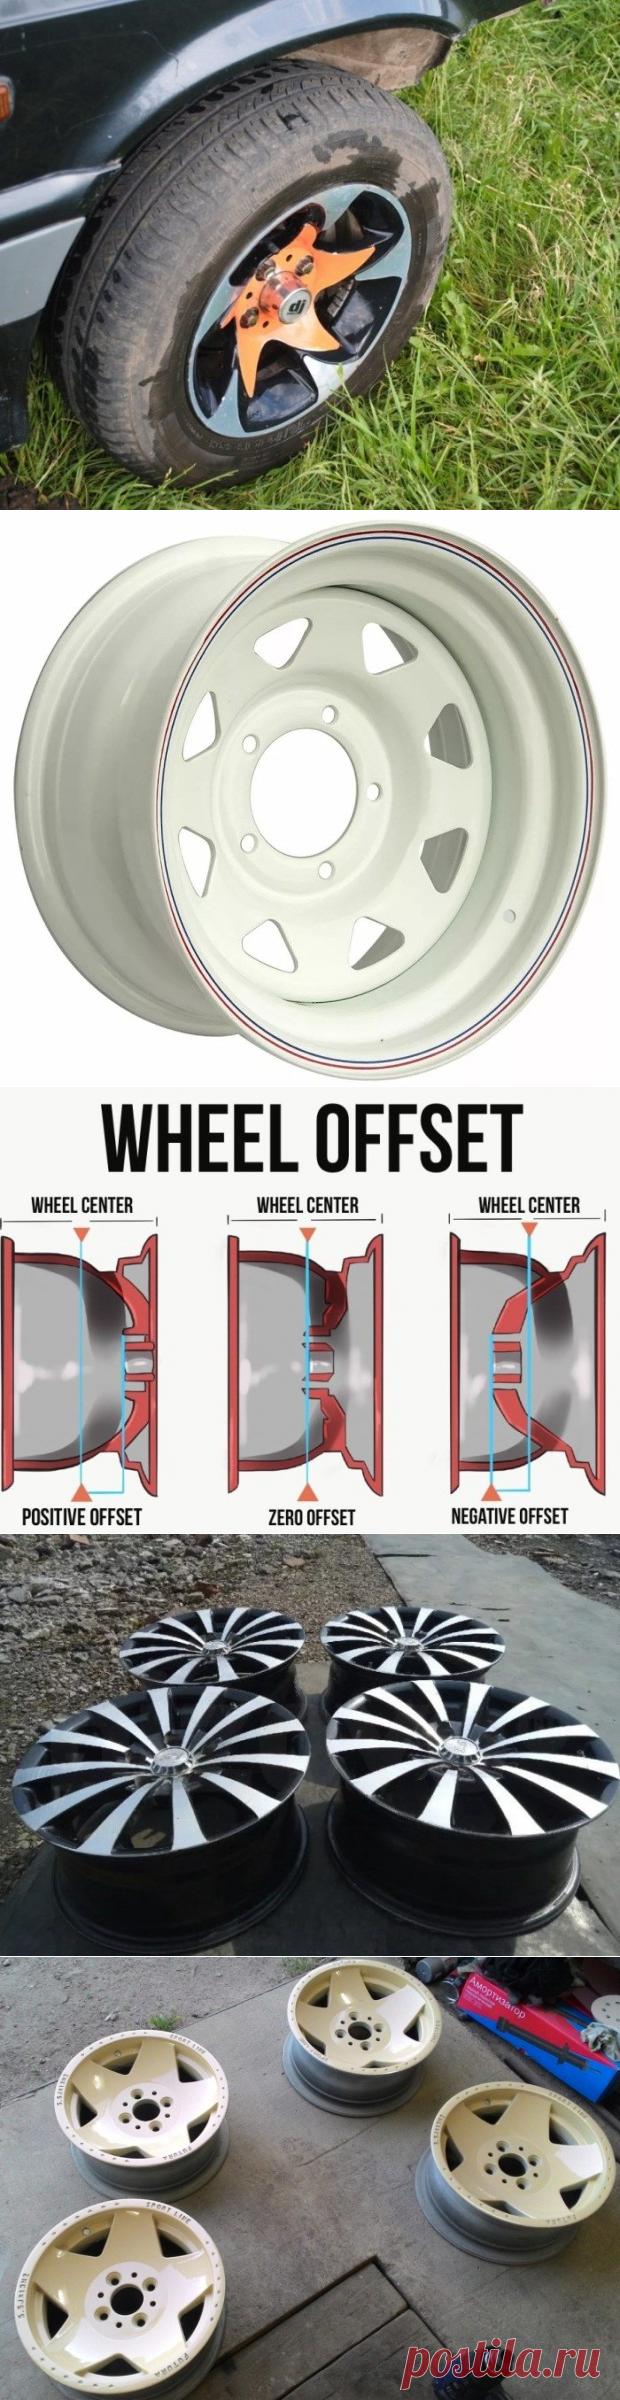 Диски арбузы на ВАЗ: подбор размеров и варианты дизайна